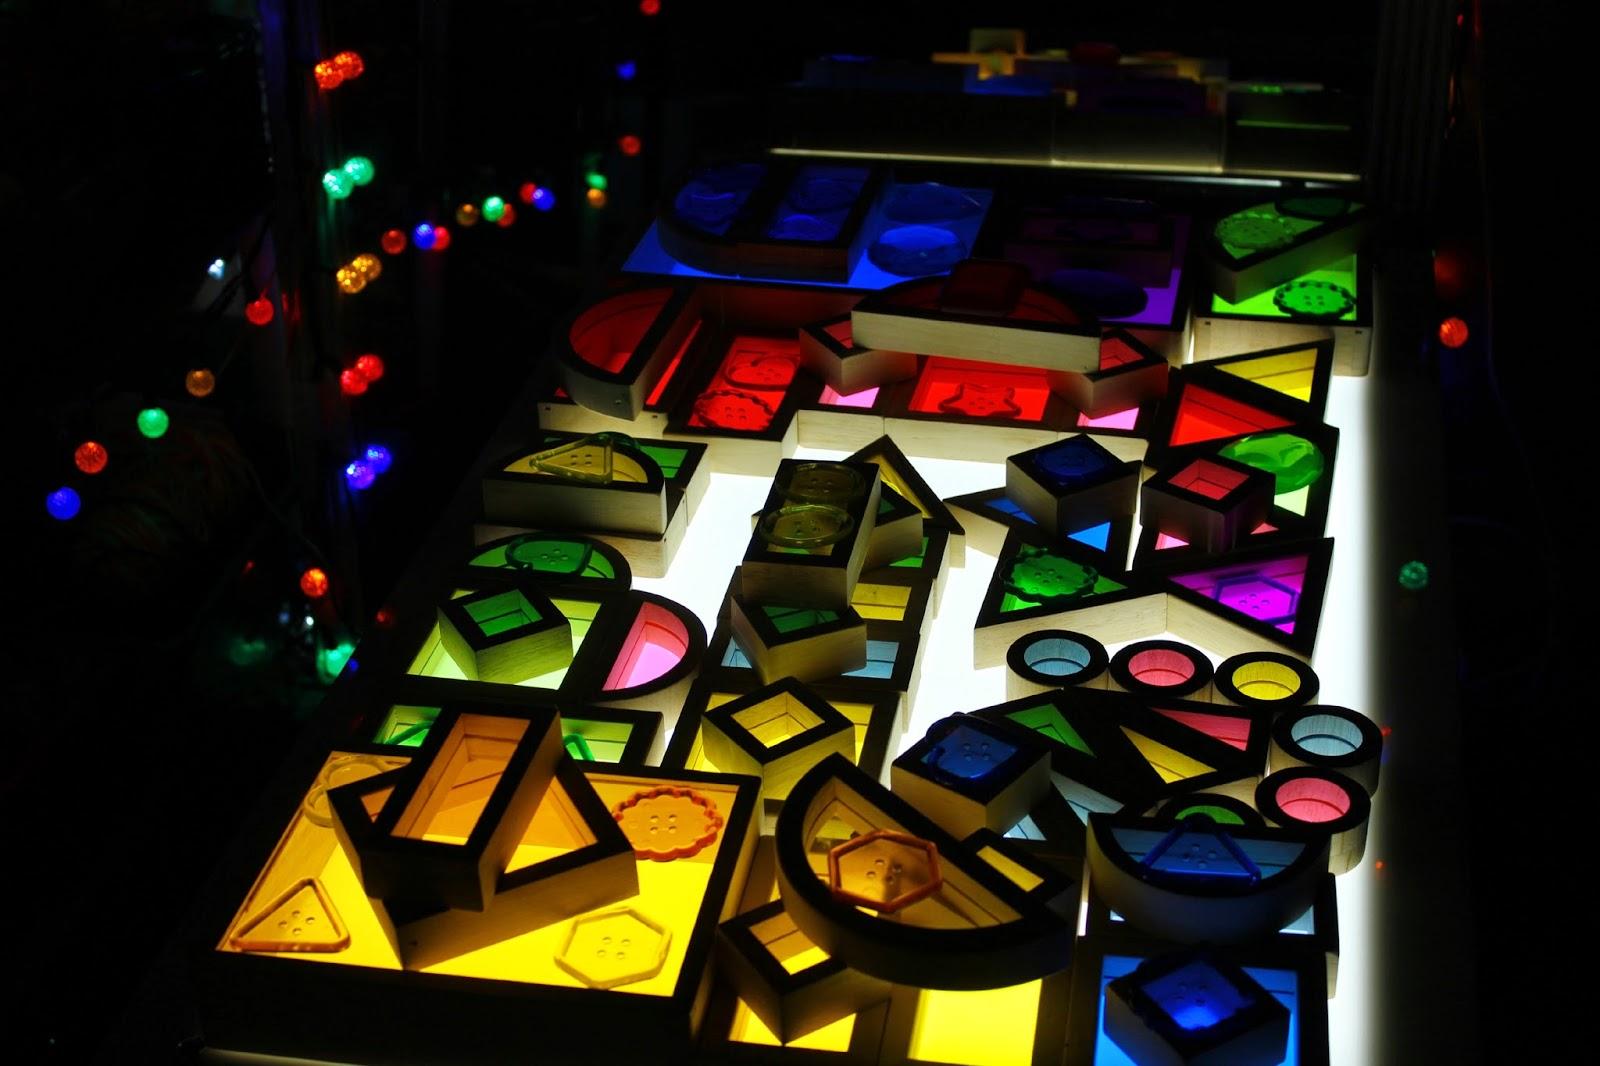 rainbow window blocks on a light table